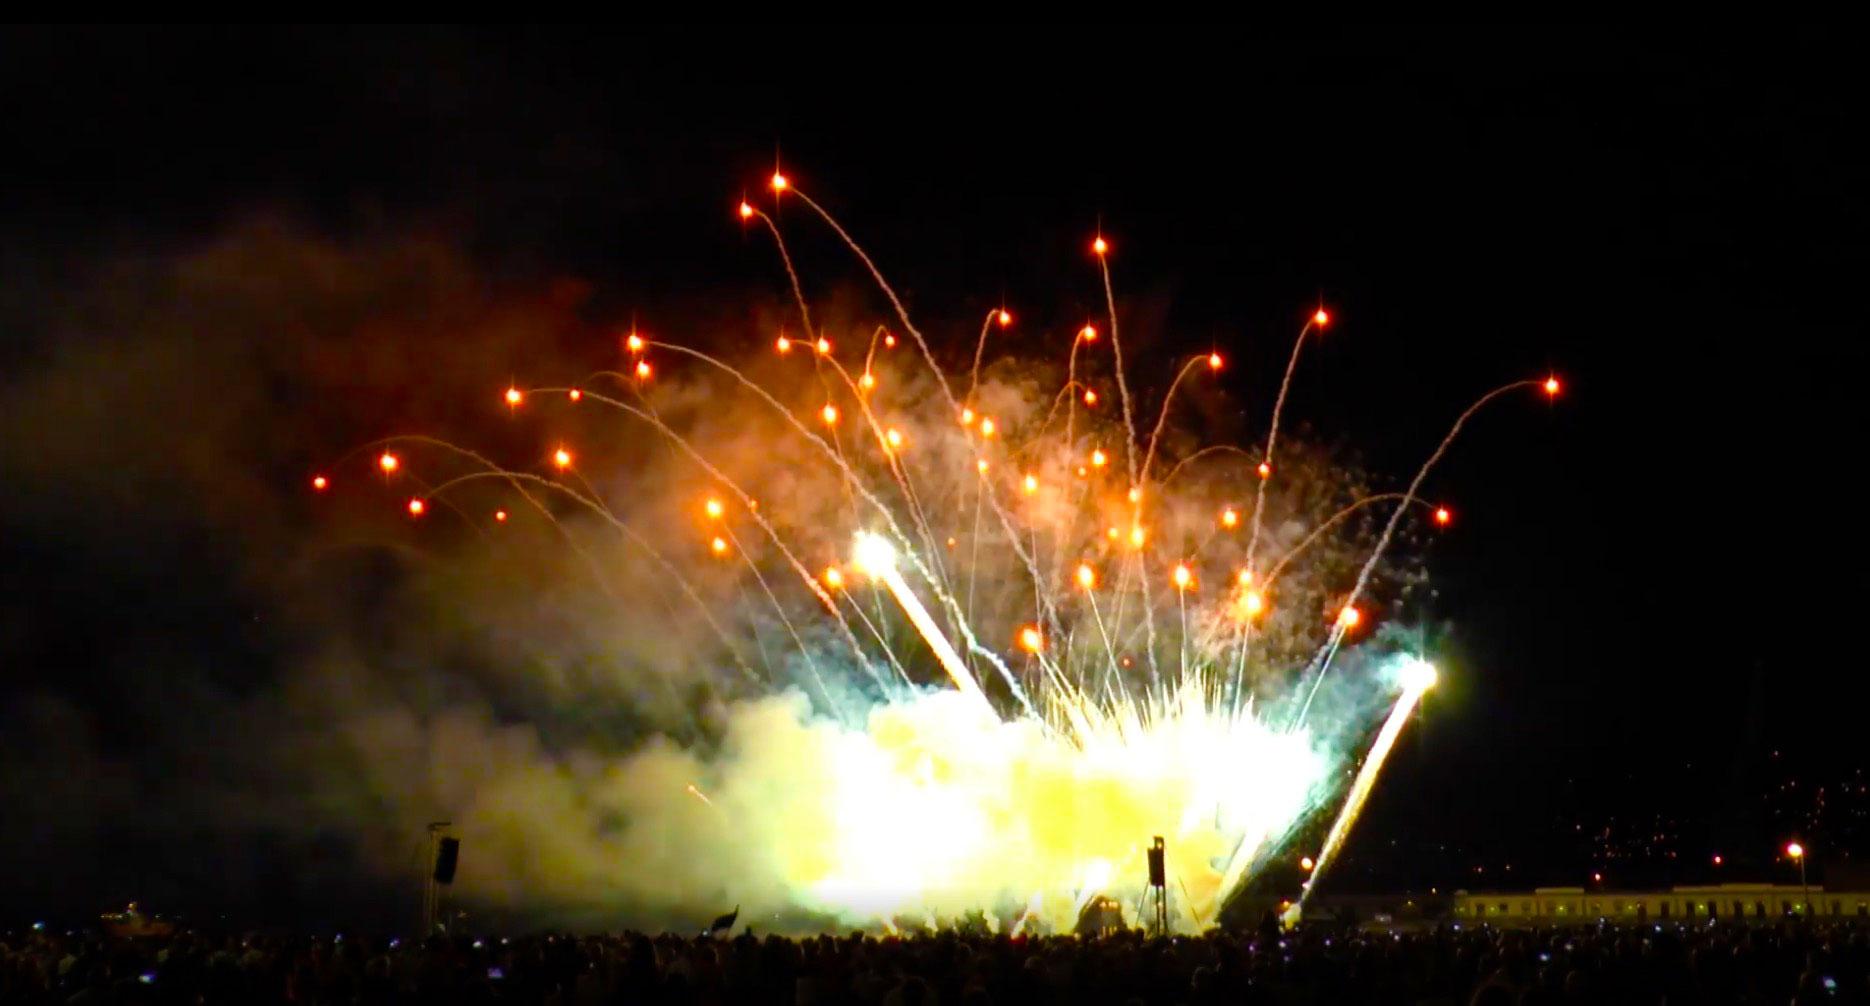 fuochi d'artificio pirotecnici Trieste Ferragosto